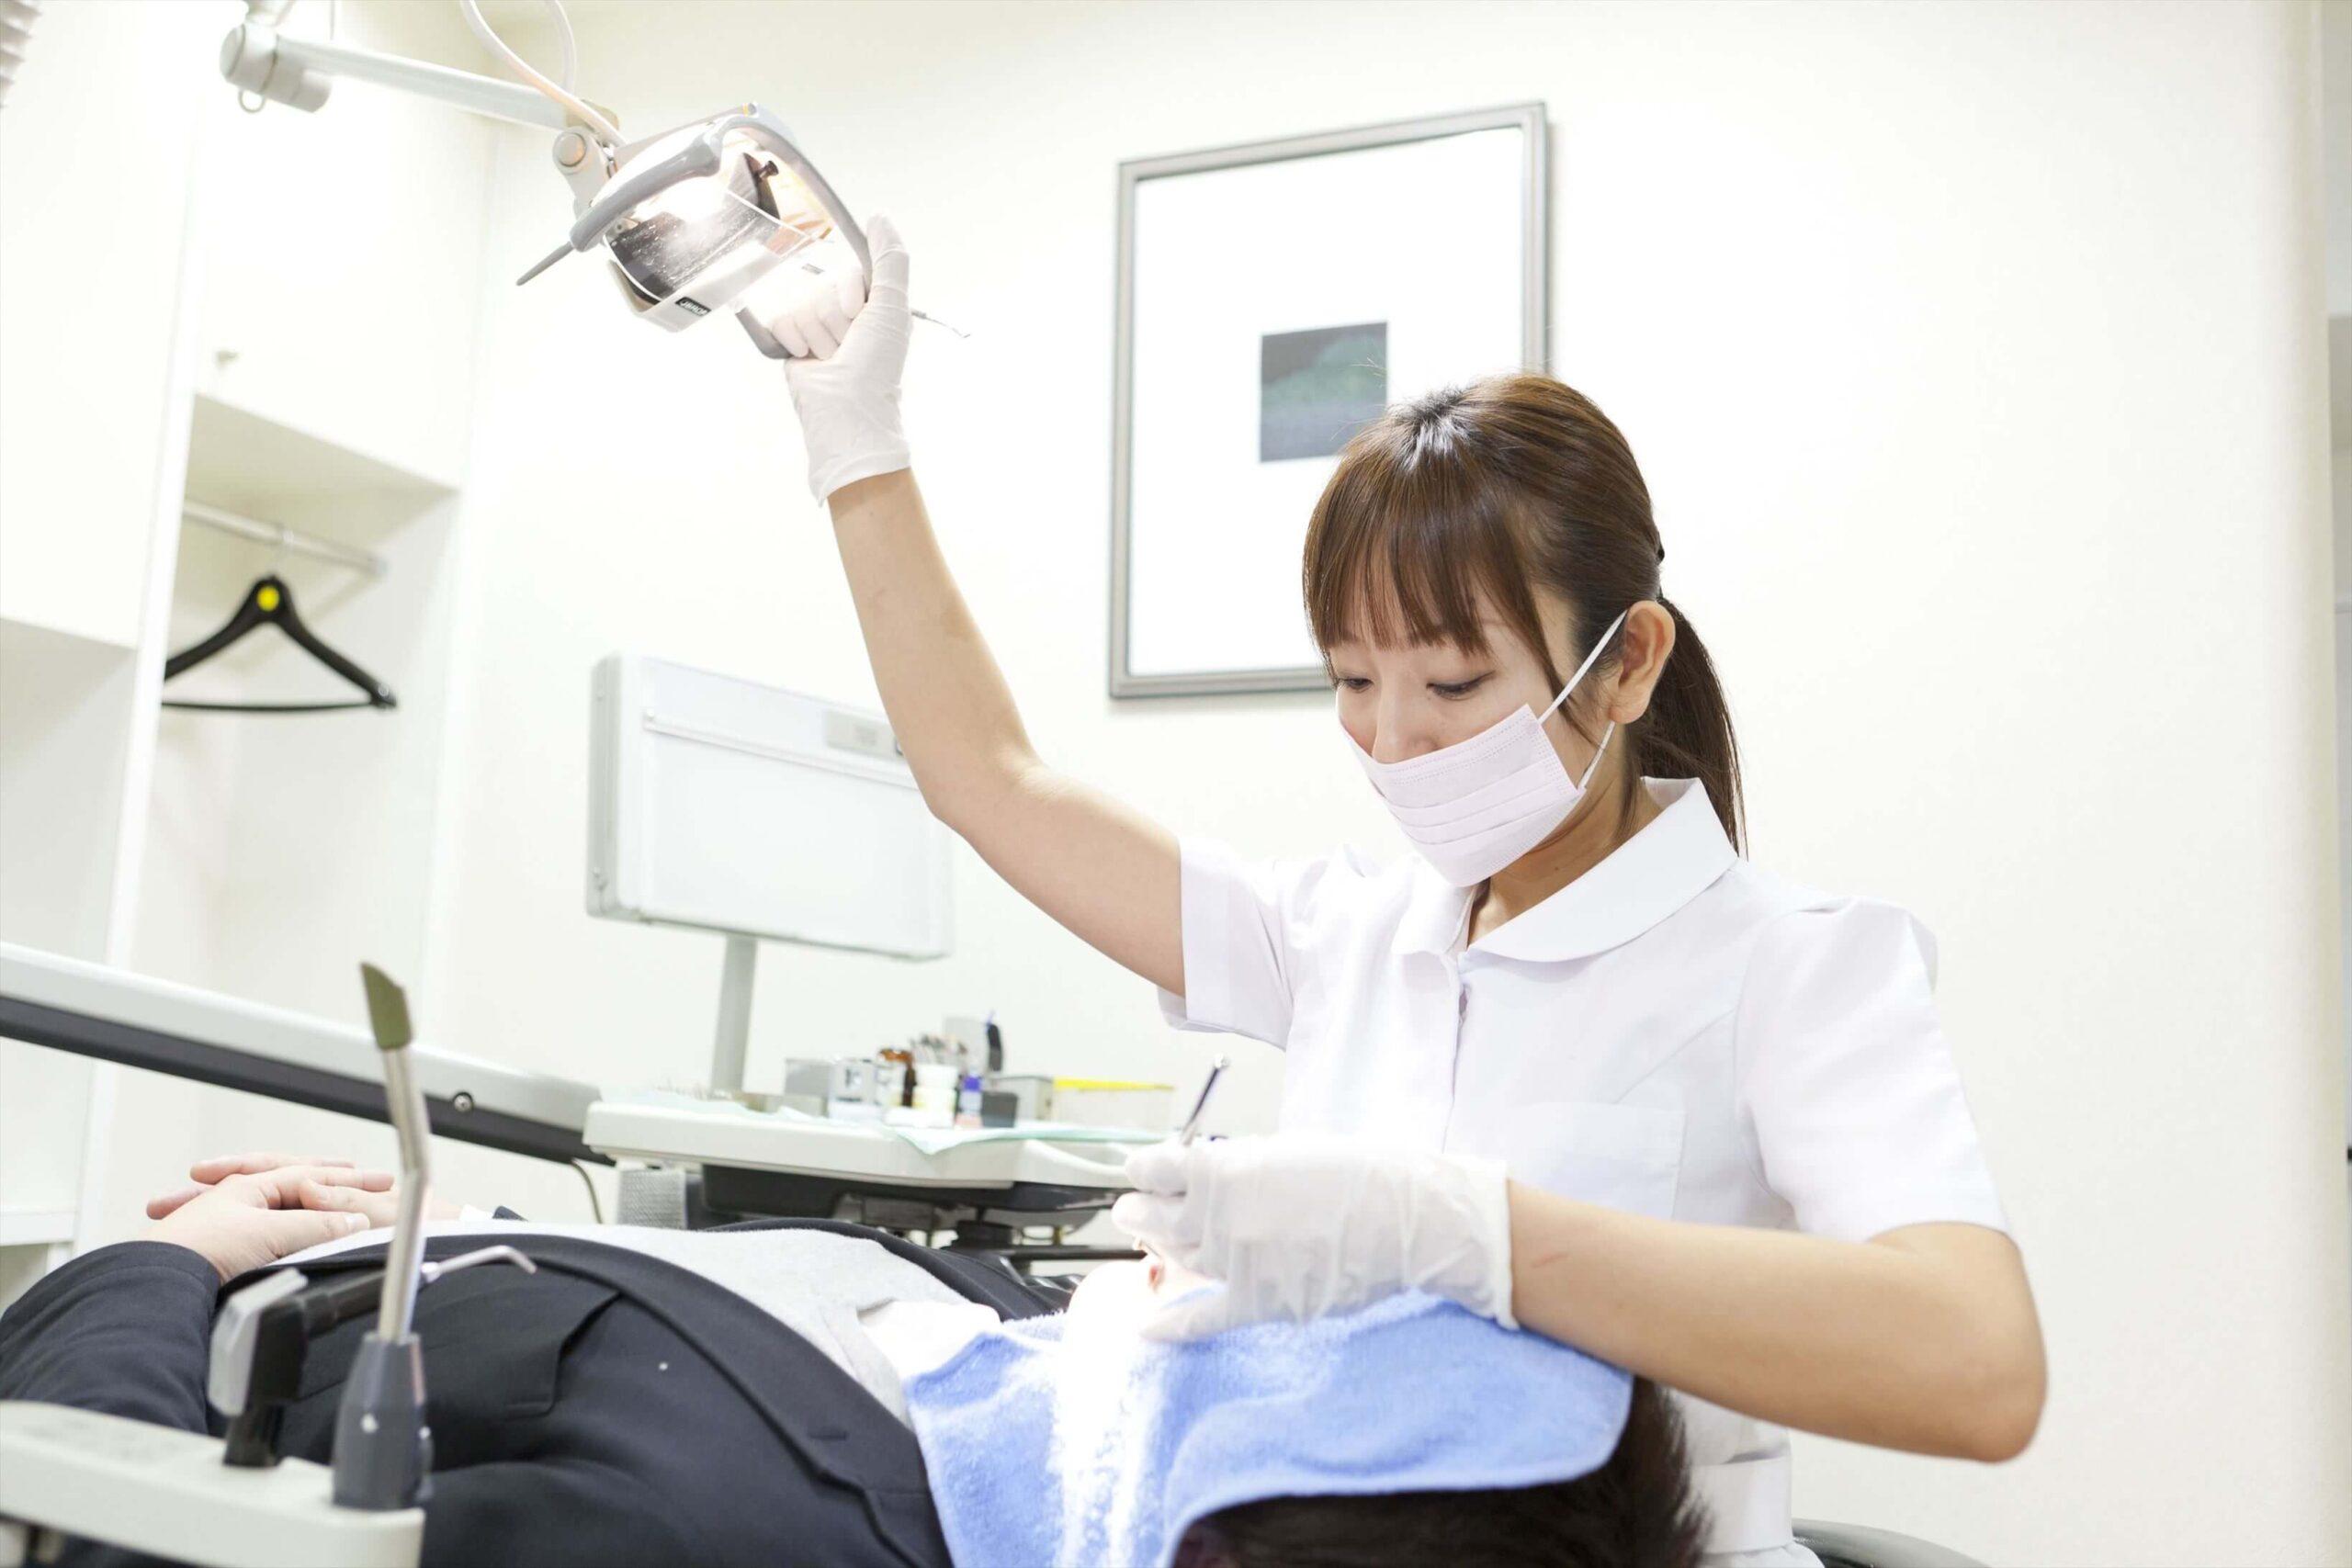 【朗報】歯科衛生士さんのおっぱいを堪能する方法、発見される